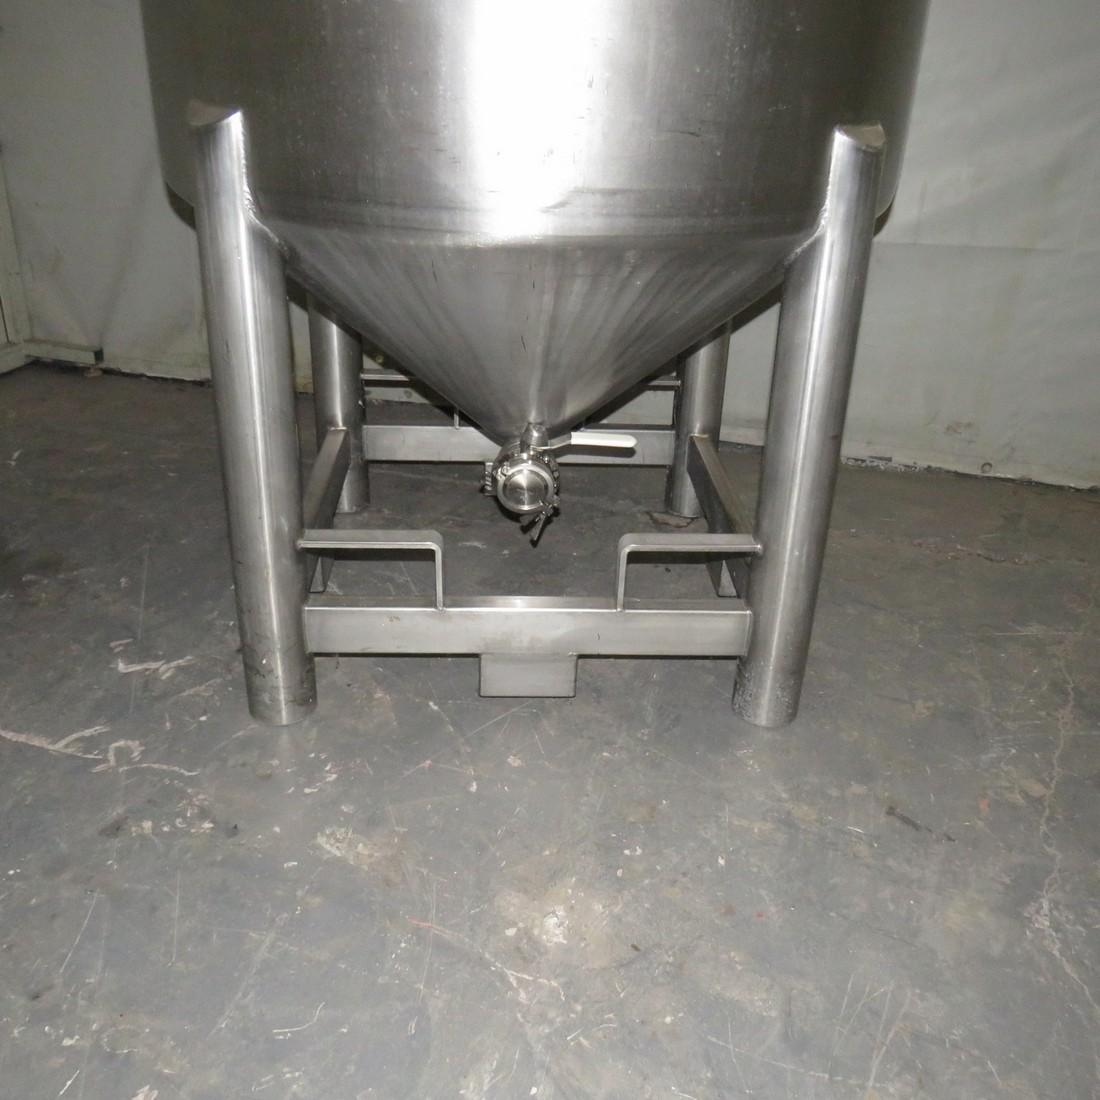 R11DB22720 Stainless steel 3C tank - 1030 liters